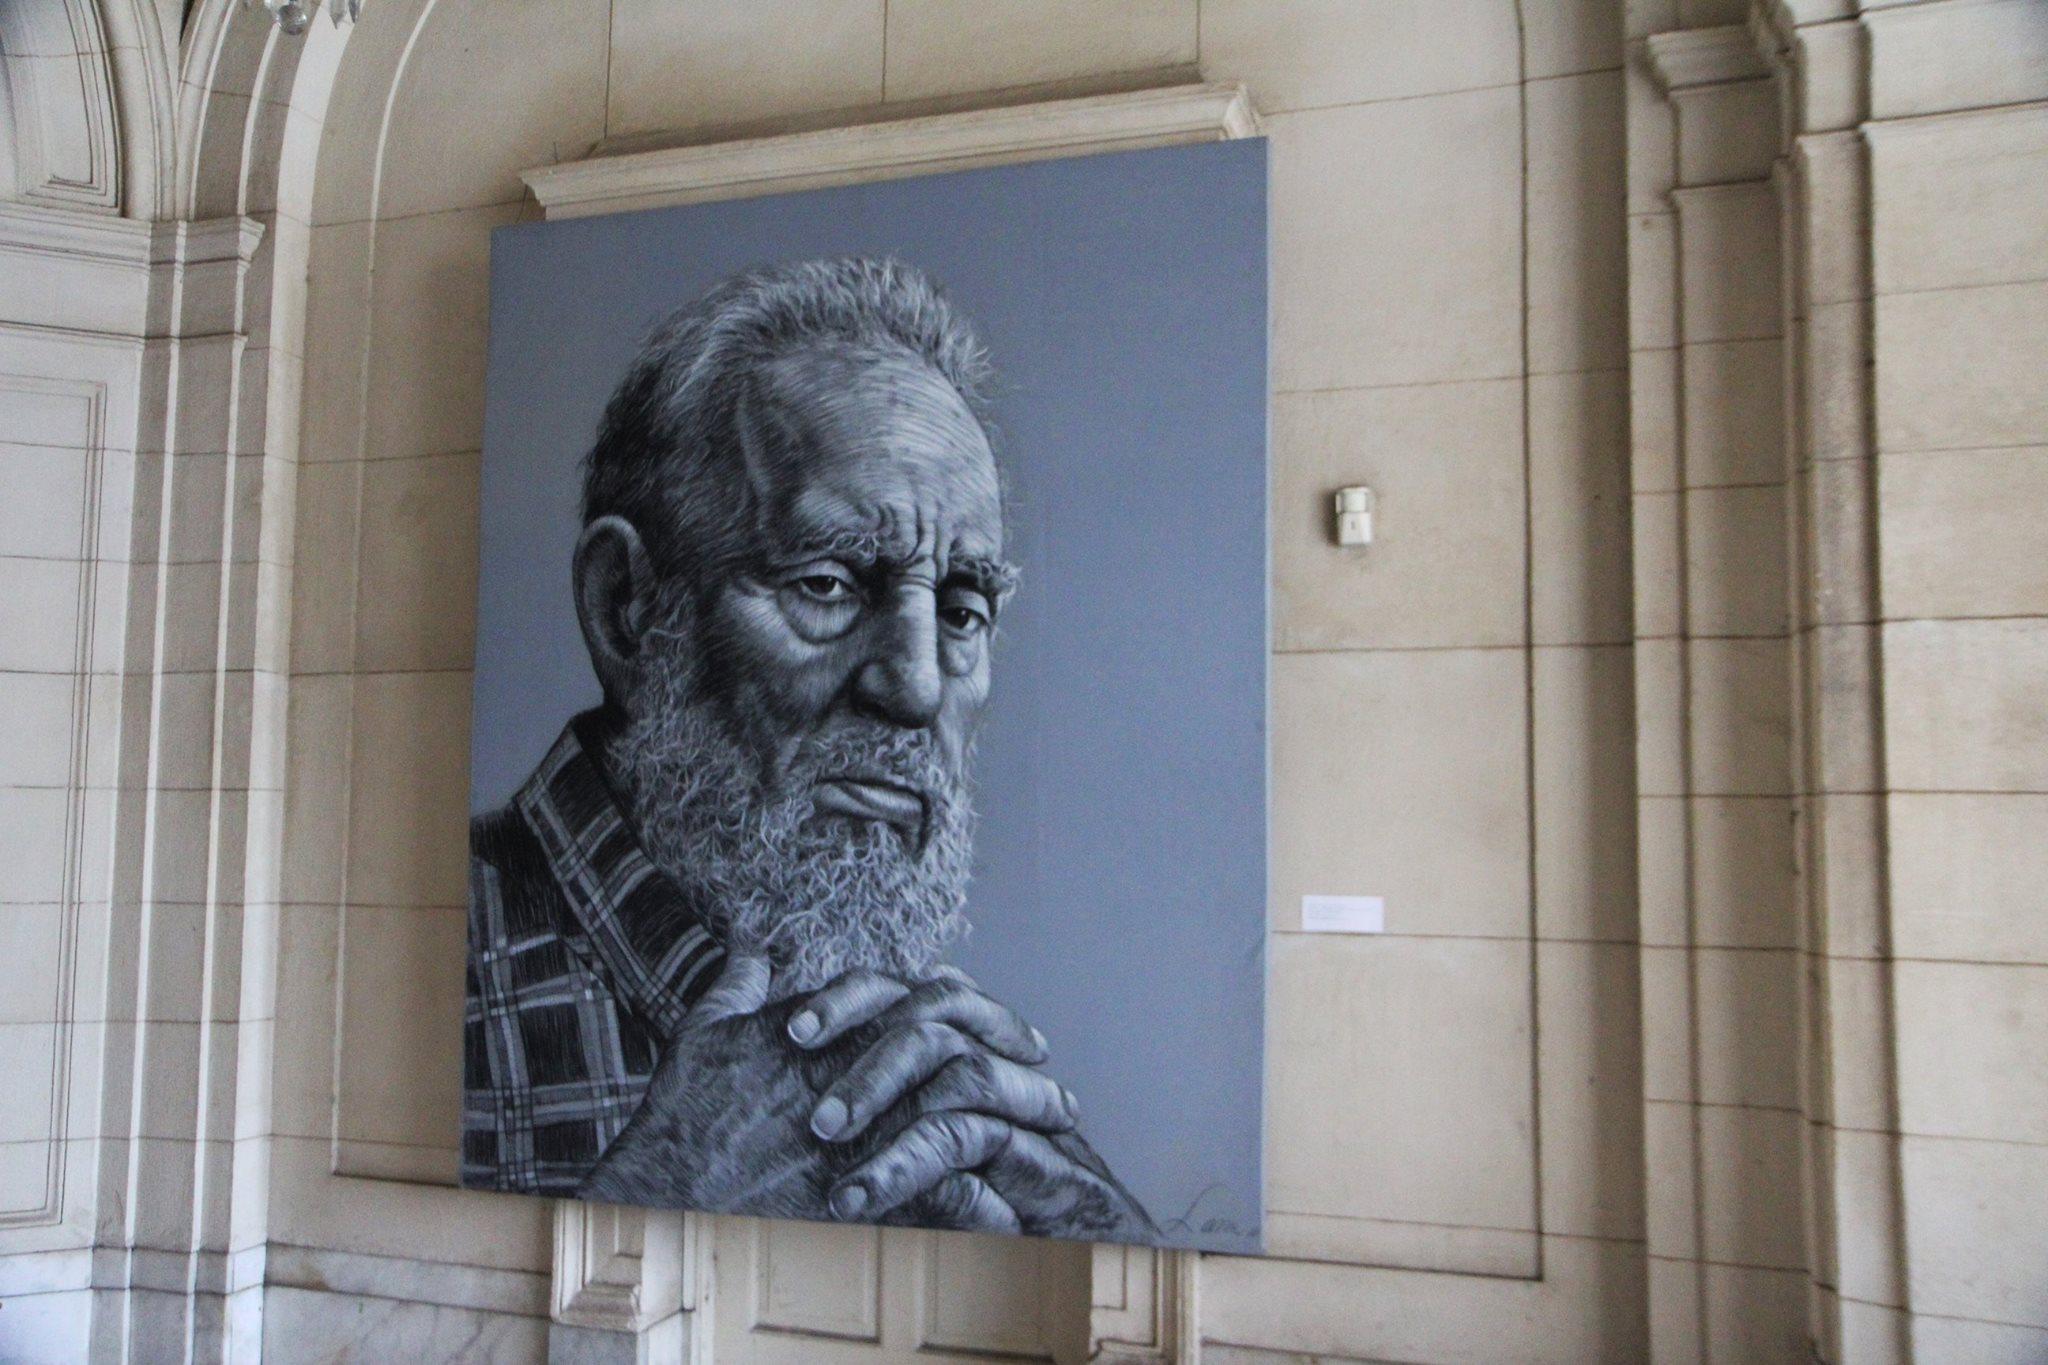 Een portret van Fidel Castro siert de muur in het revolutiemuseum in Havana